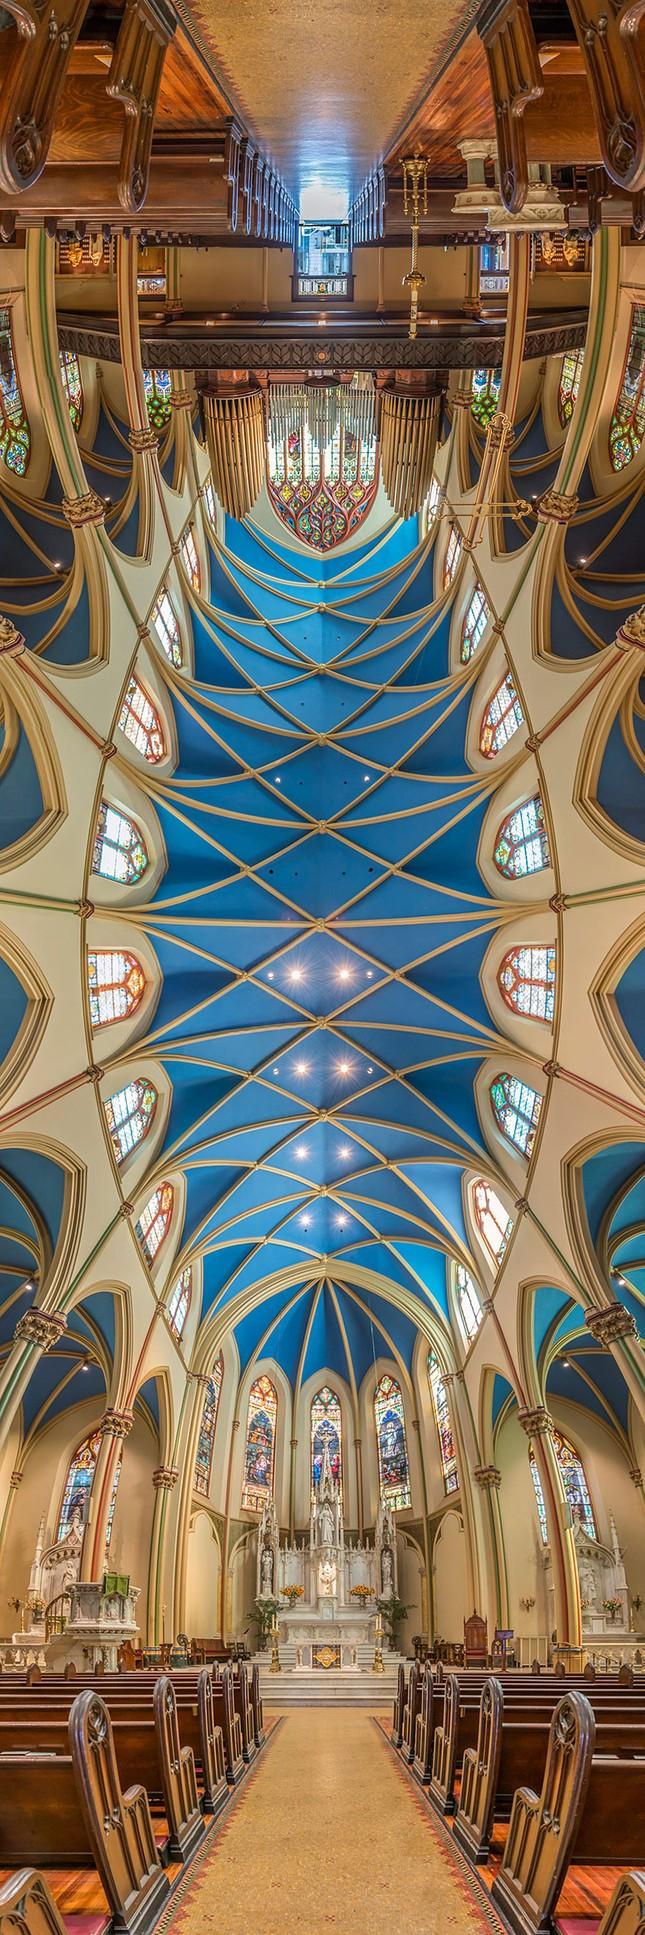 Vẻ đẹp ngỡ ngàng của những thánh đường tại New York, Mỹ - anh 5